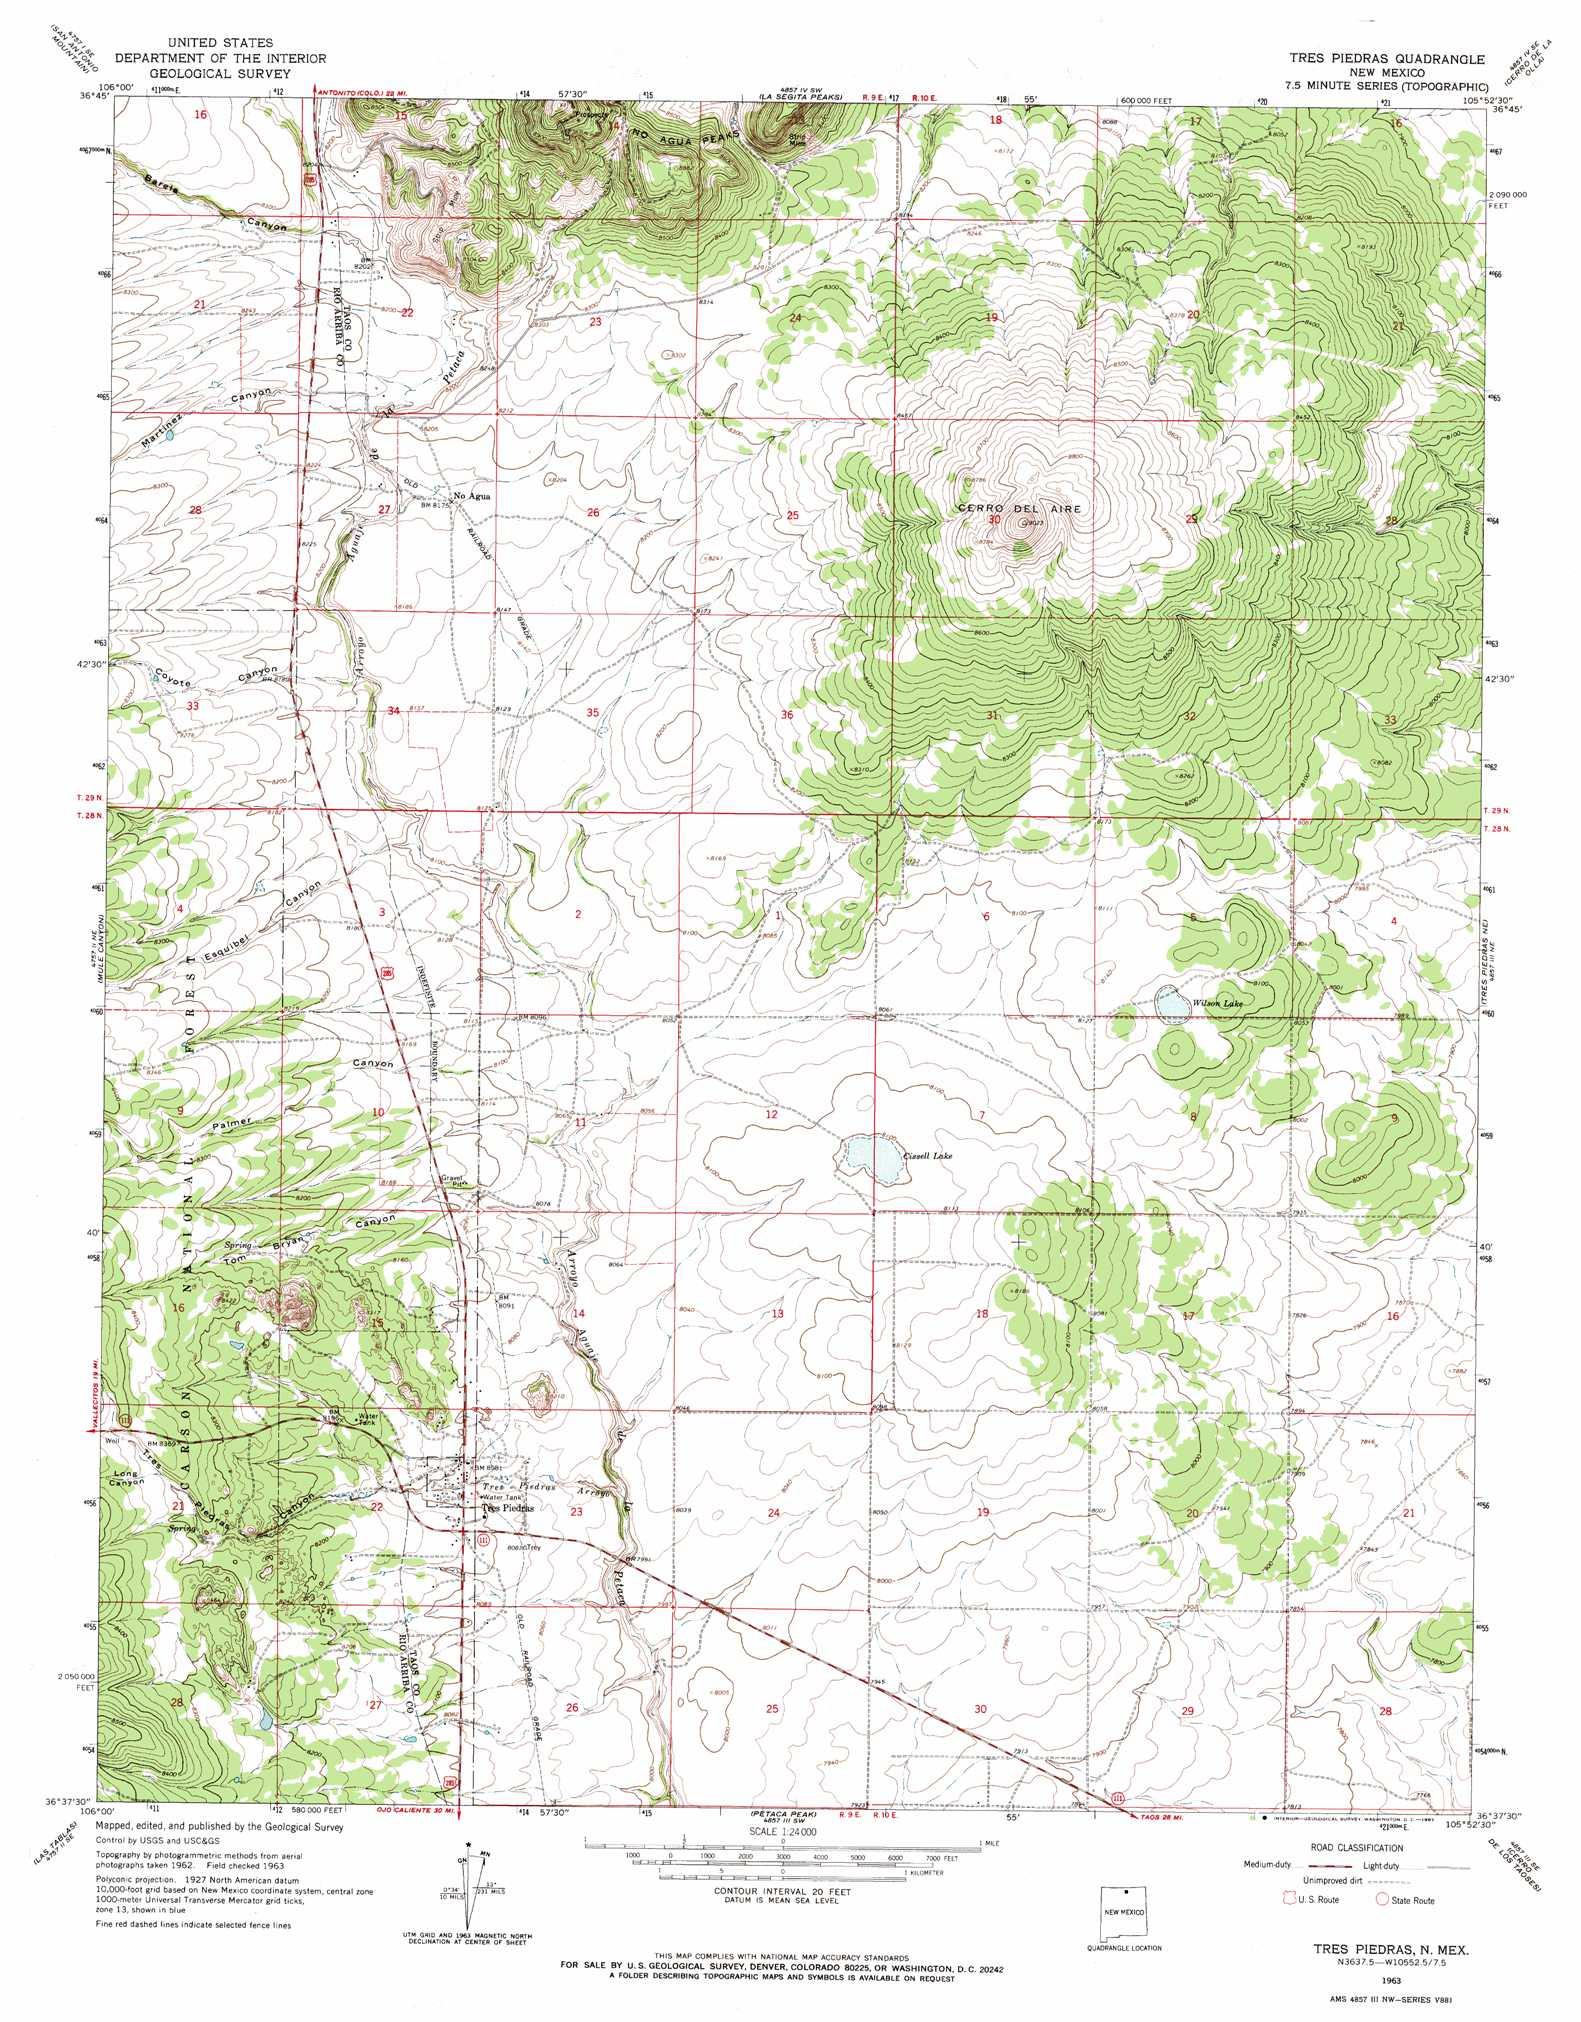 Tres Piedras Topographic Map NM  USGS Topo Quad 36105f8